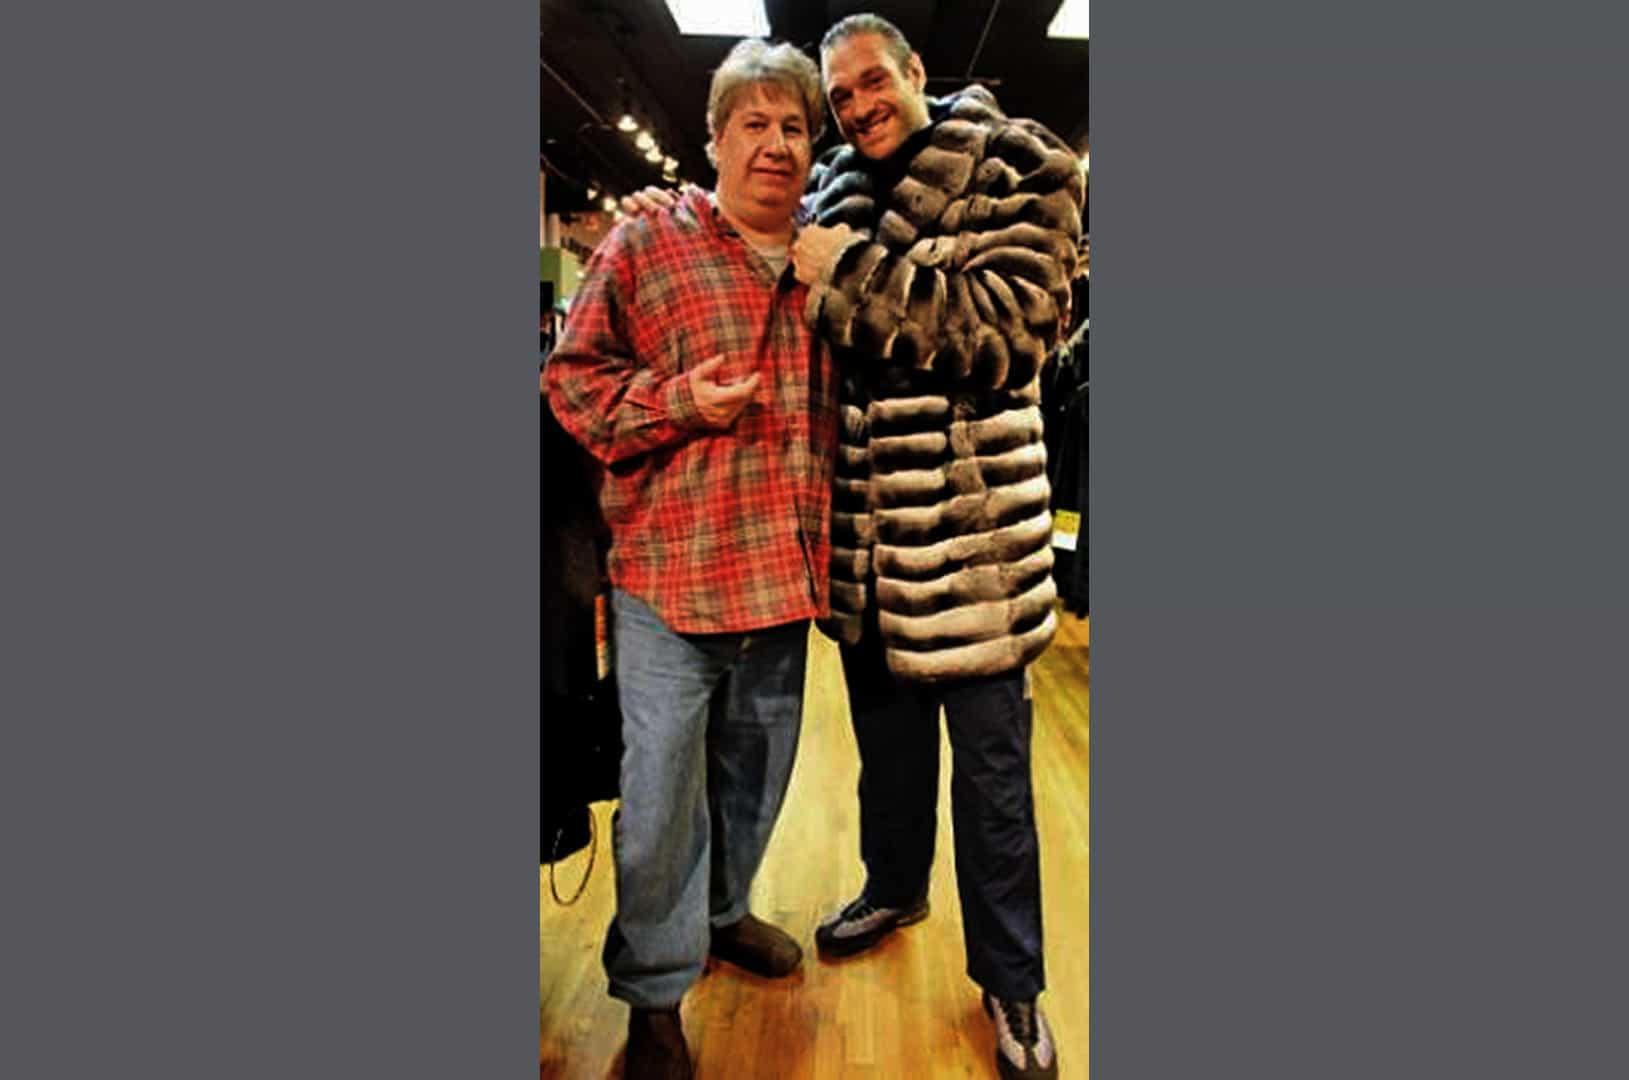 Tyson Fury with Marc kaufman